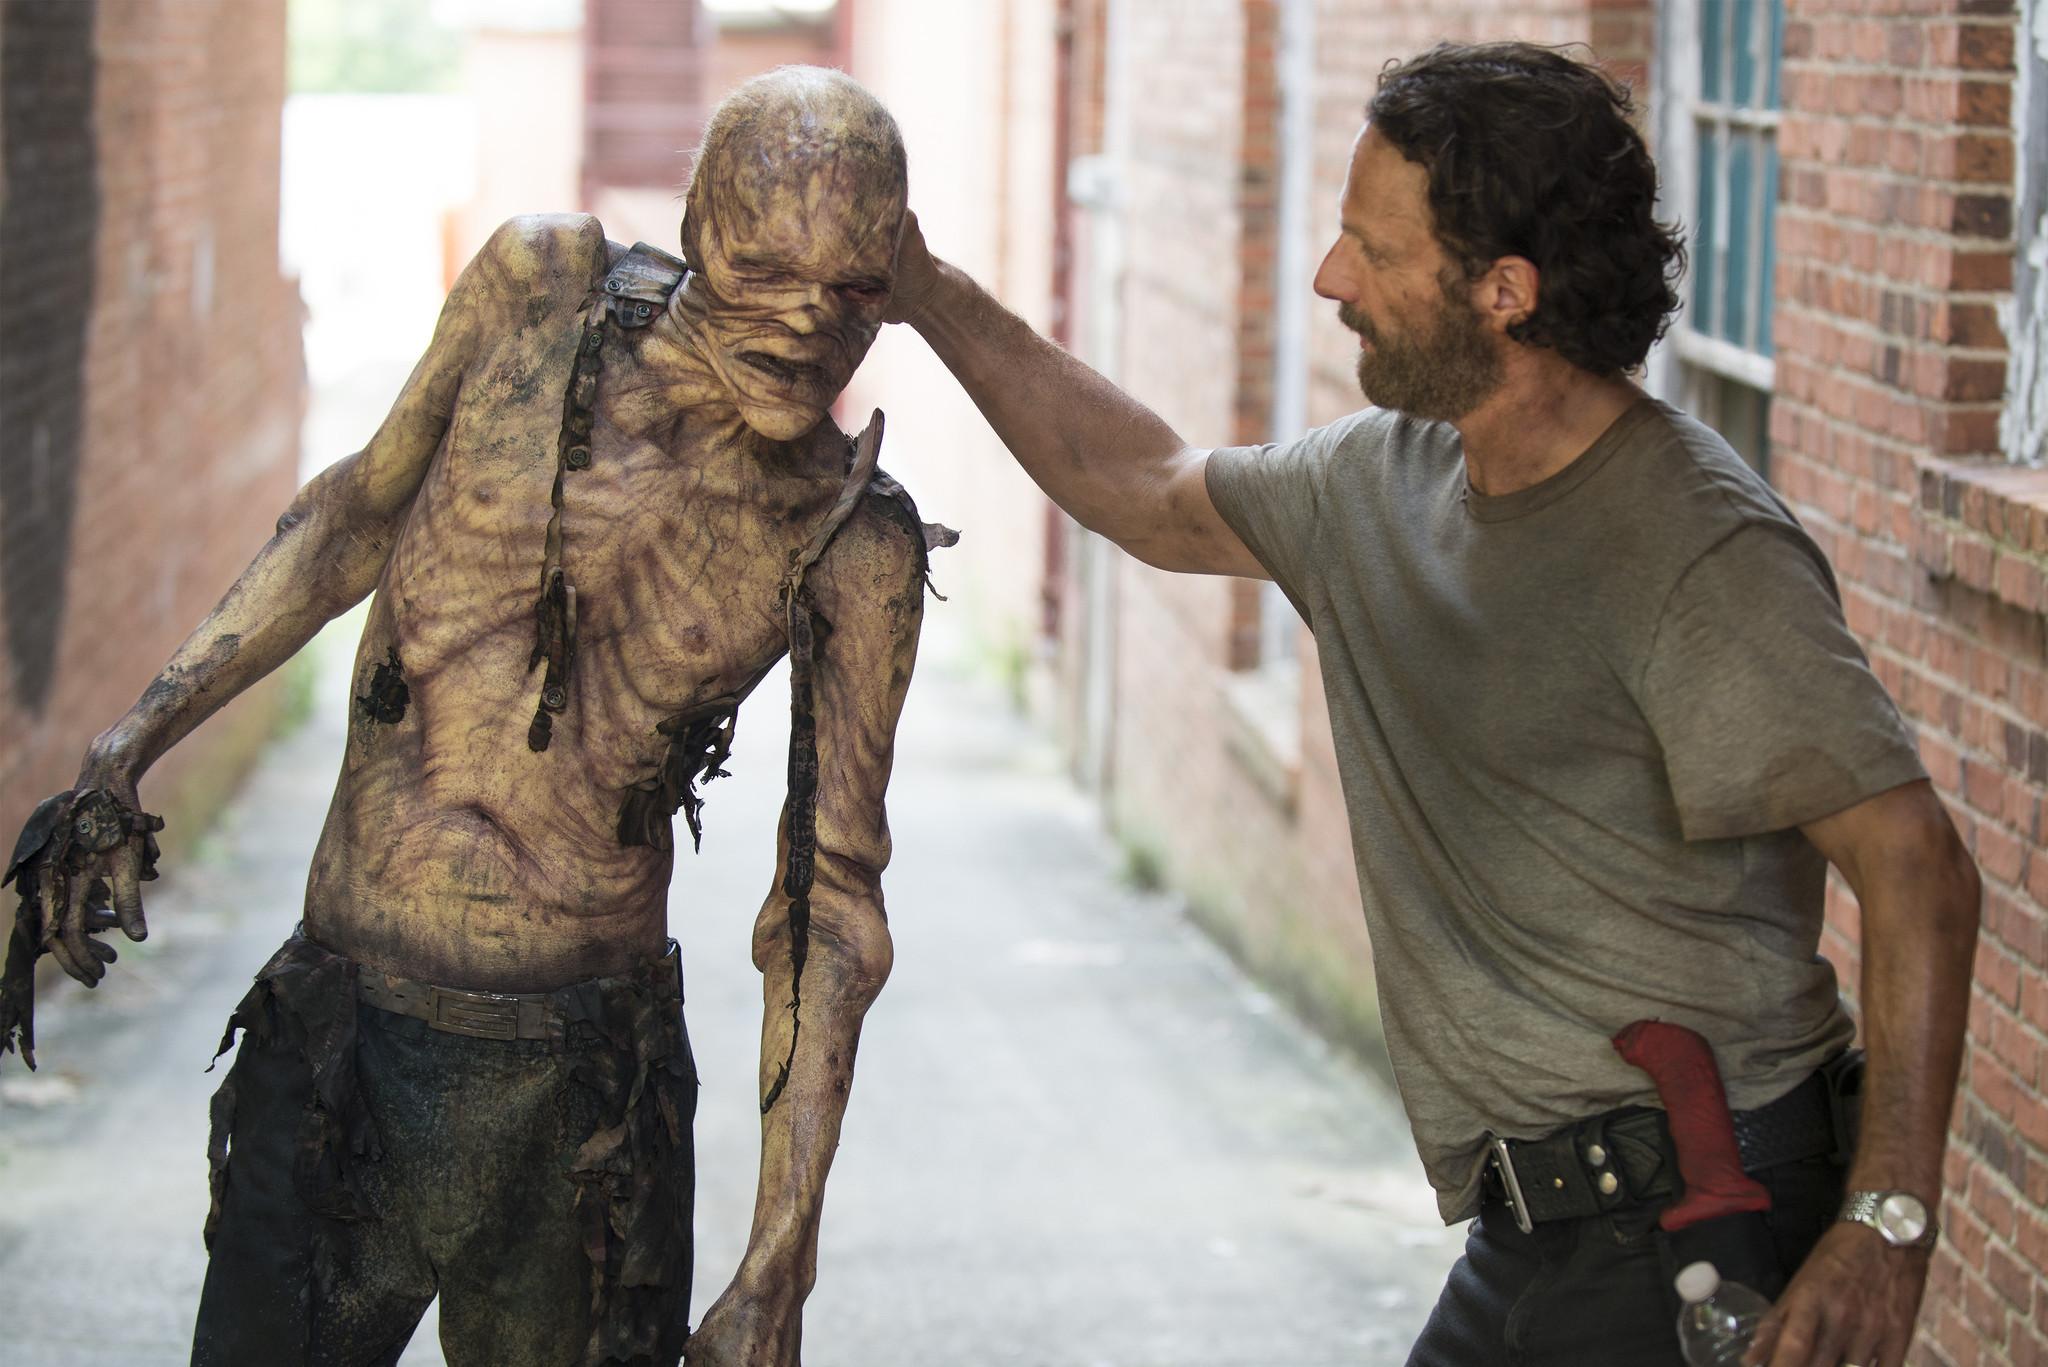 'Walking Dead' Season 5 closer